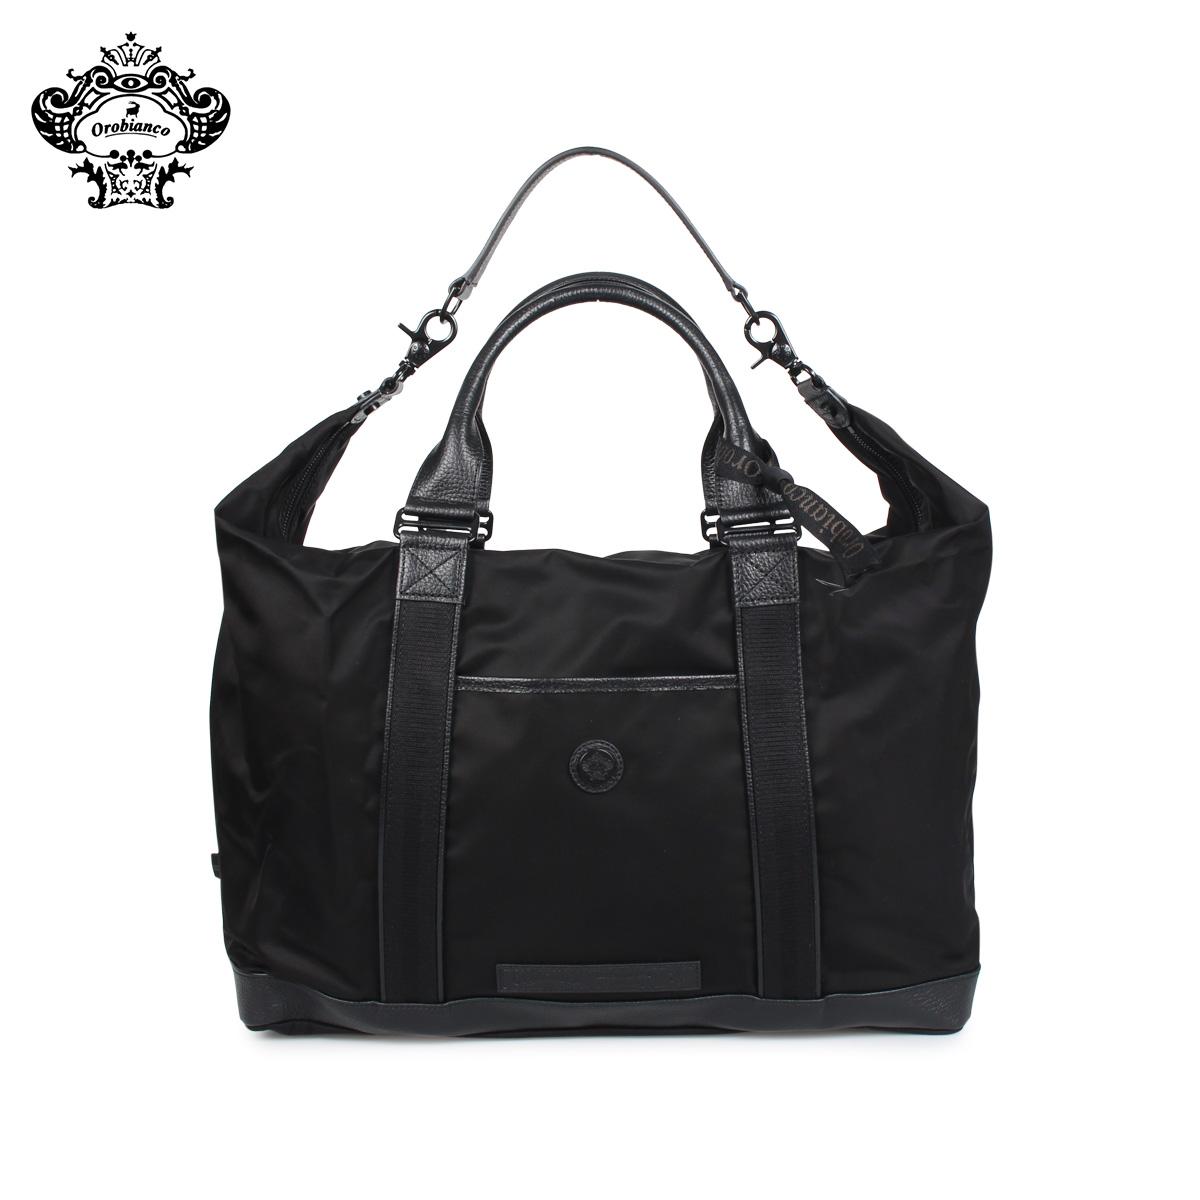 Orobianco オロビアンコ バッグ トートバッグ ダッフルバッグ ボストン メンズ KOMPLIMENTI-G ALL BLACK ブラック 黒 92199